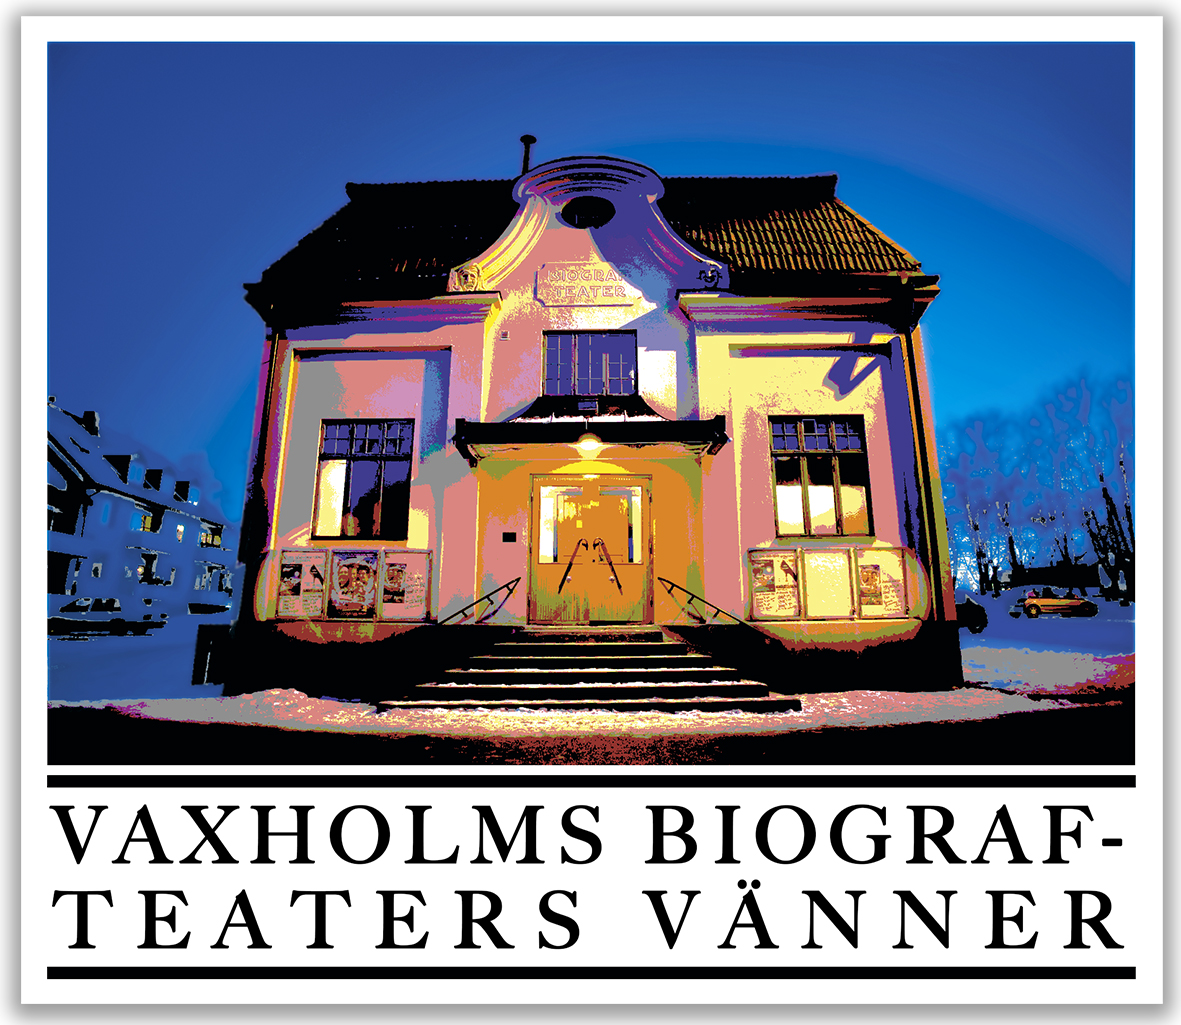 Vaxholms biografteaters vänner